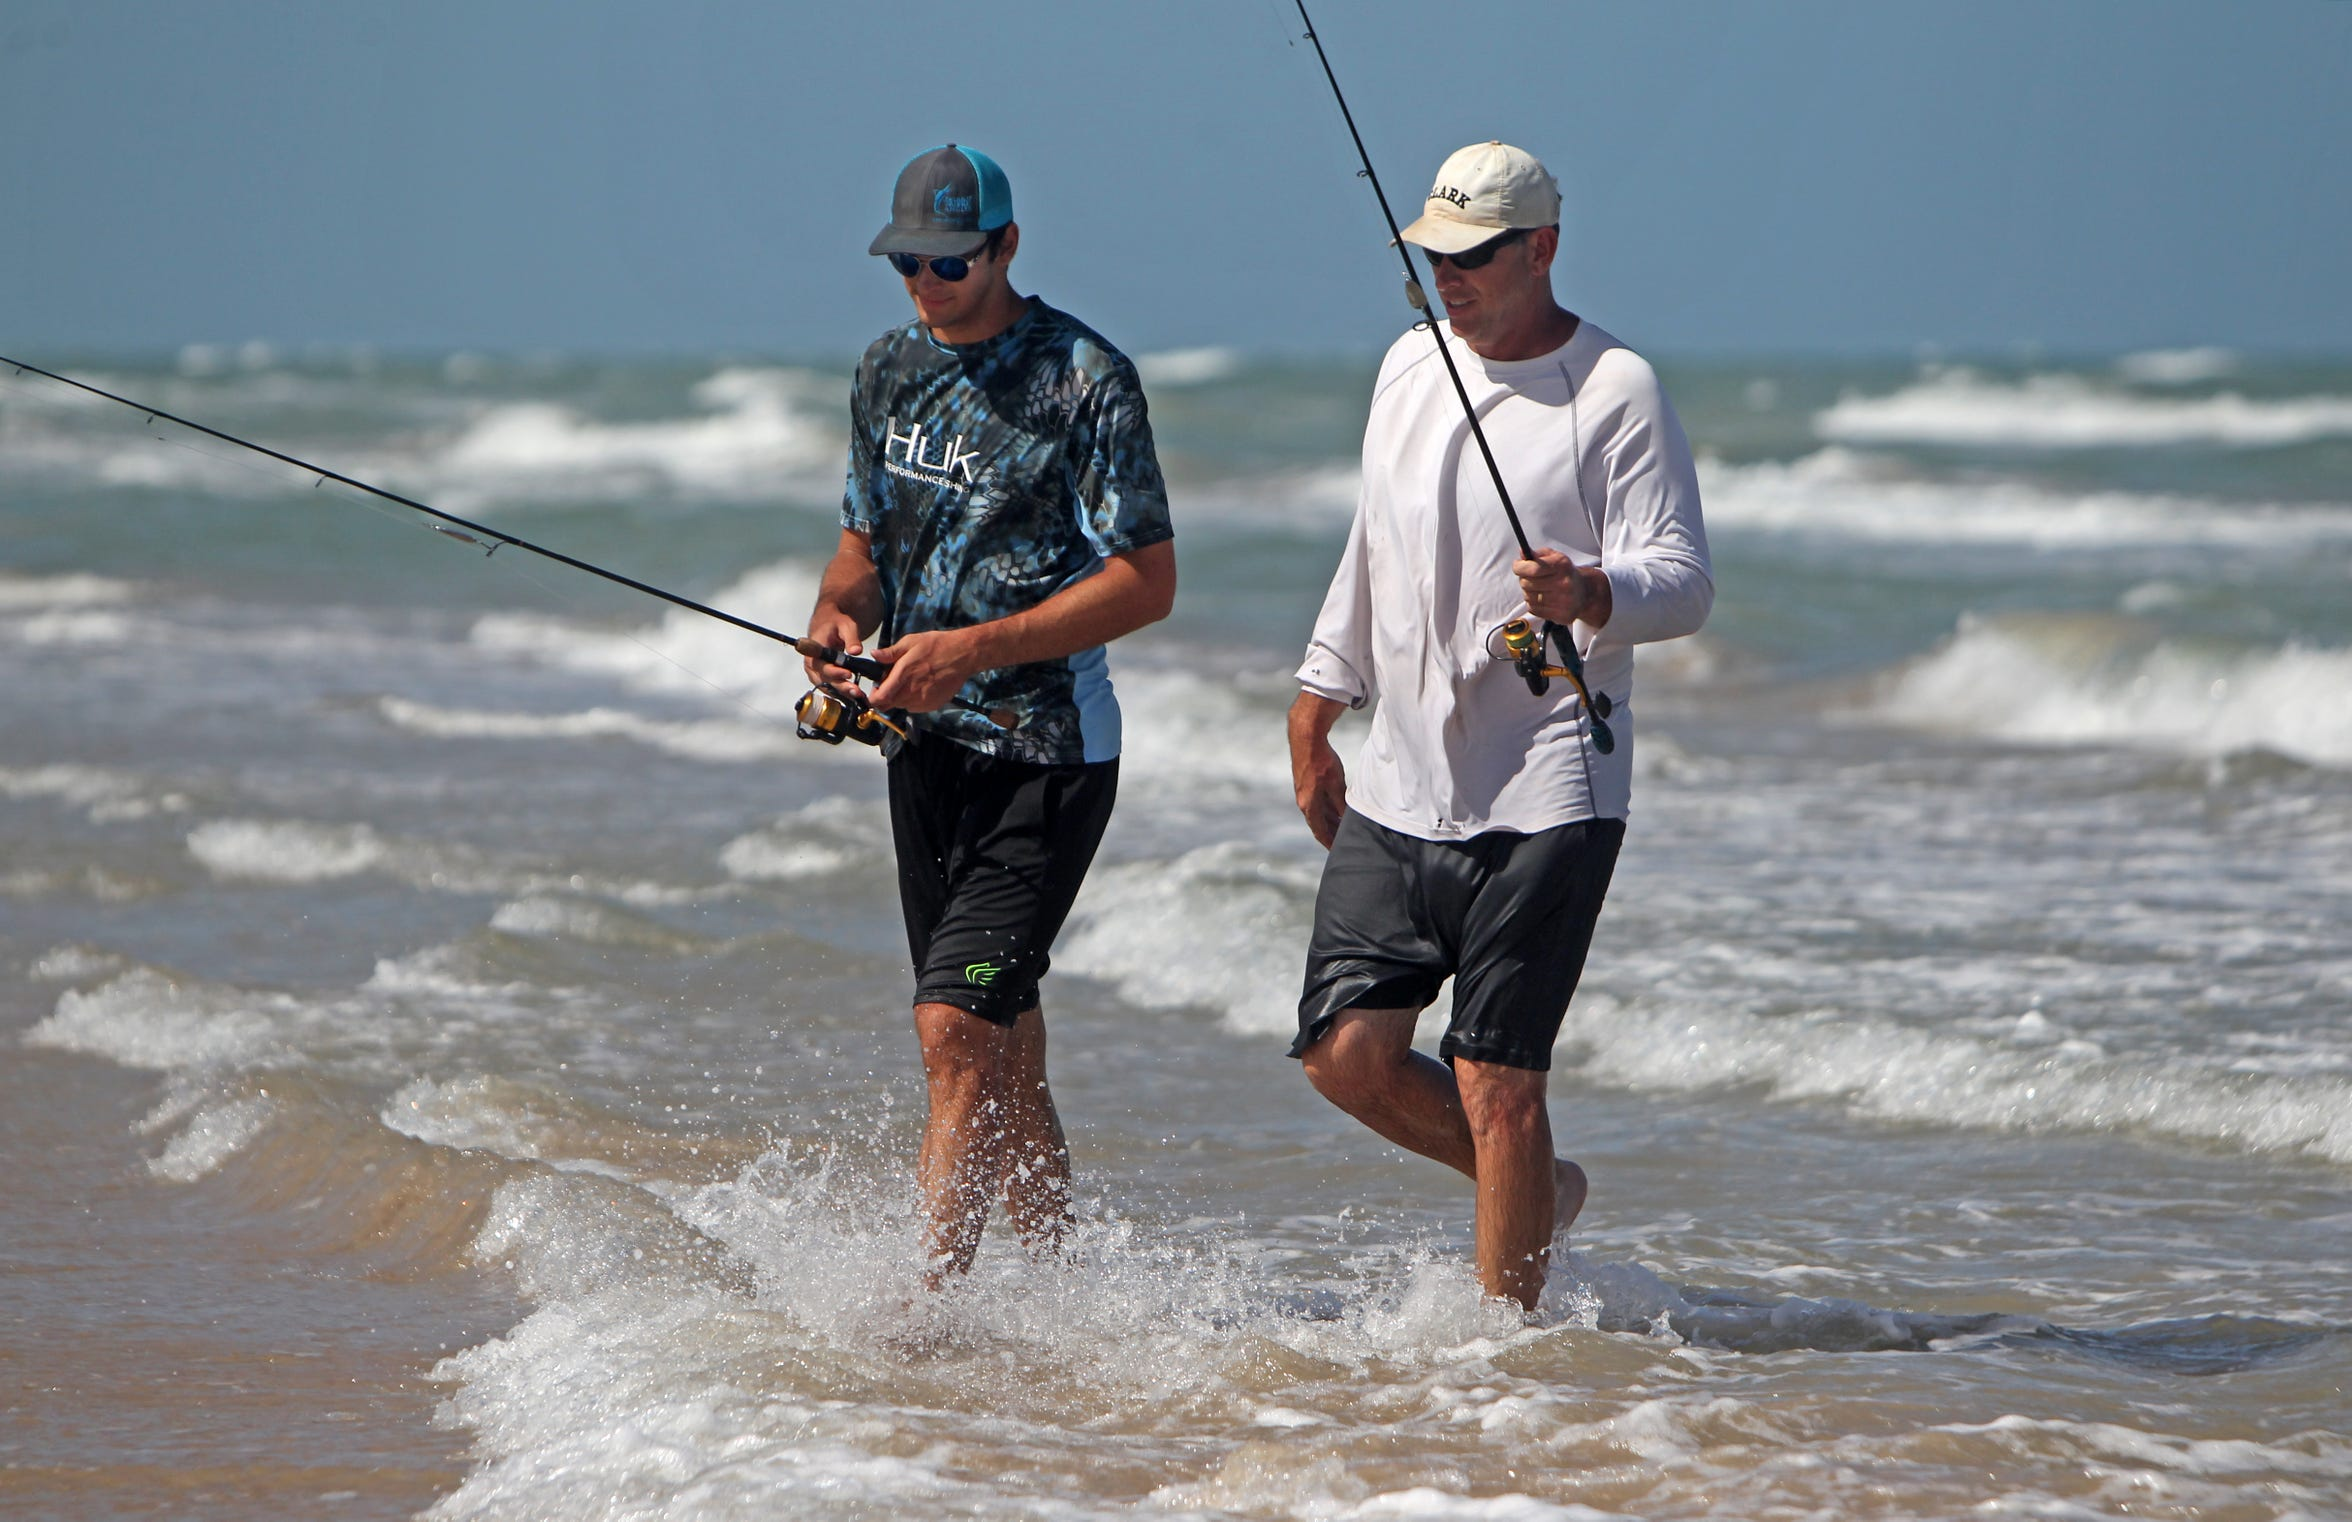 Steve and Luke McGhee began fishing on PINS when Luke was a senior in high school.